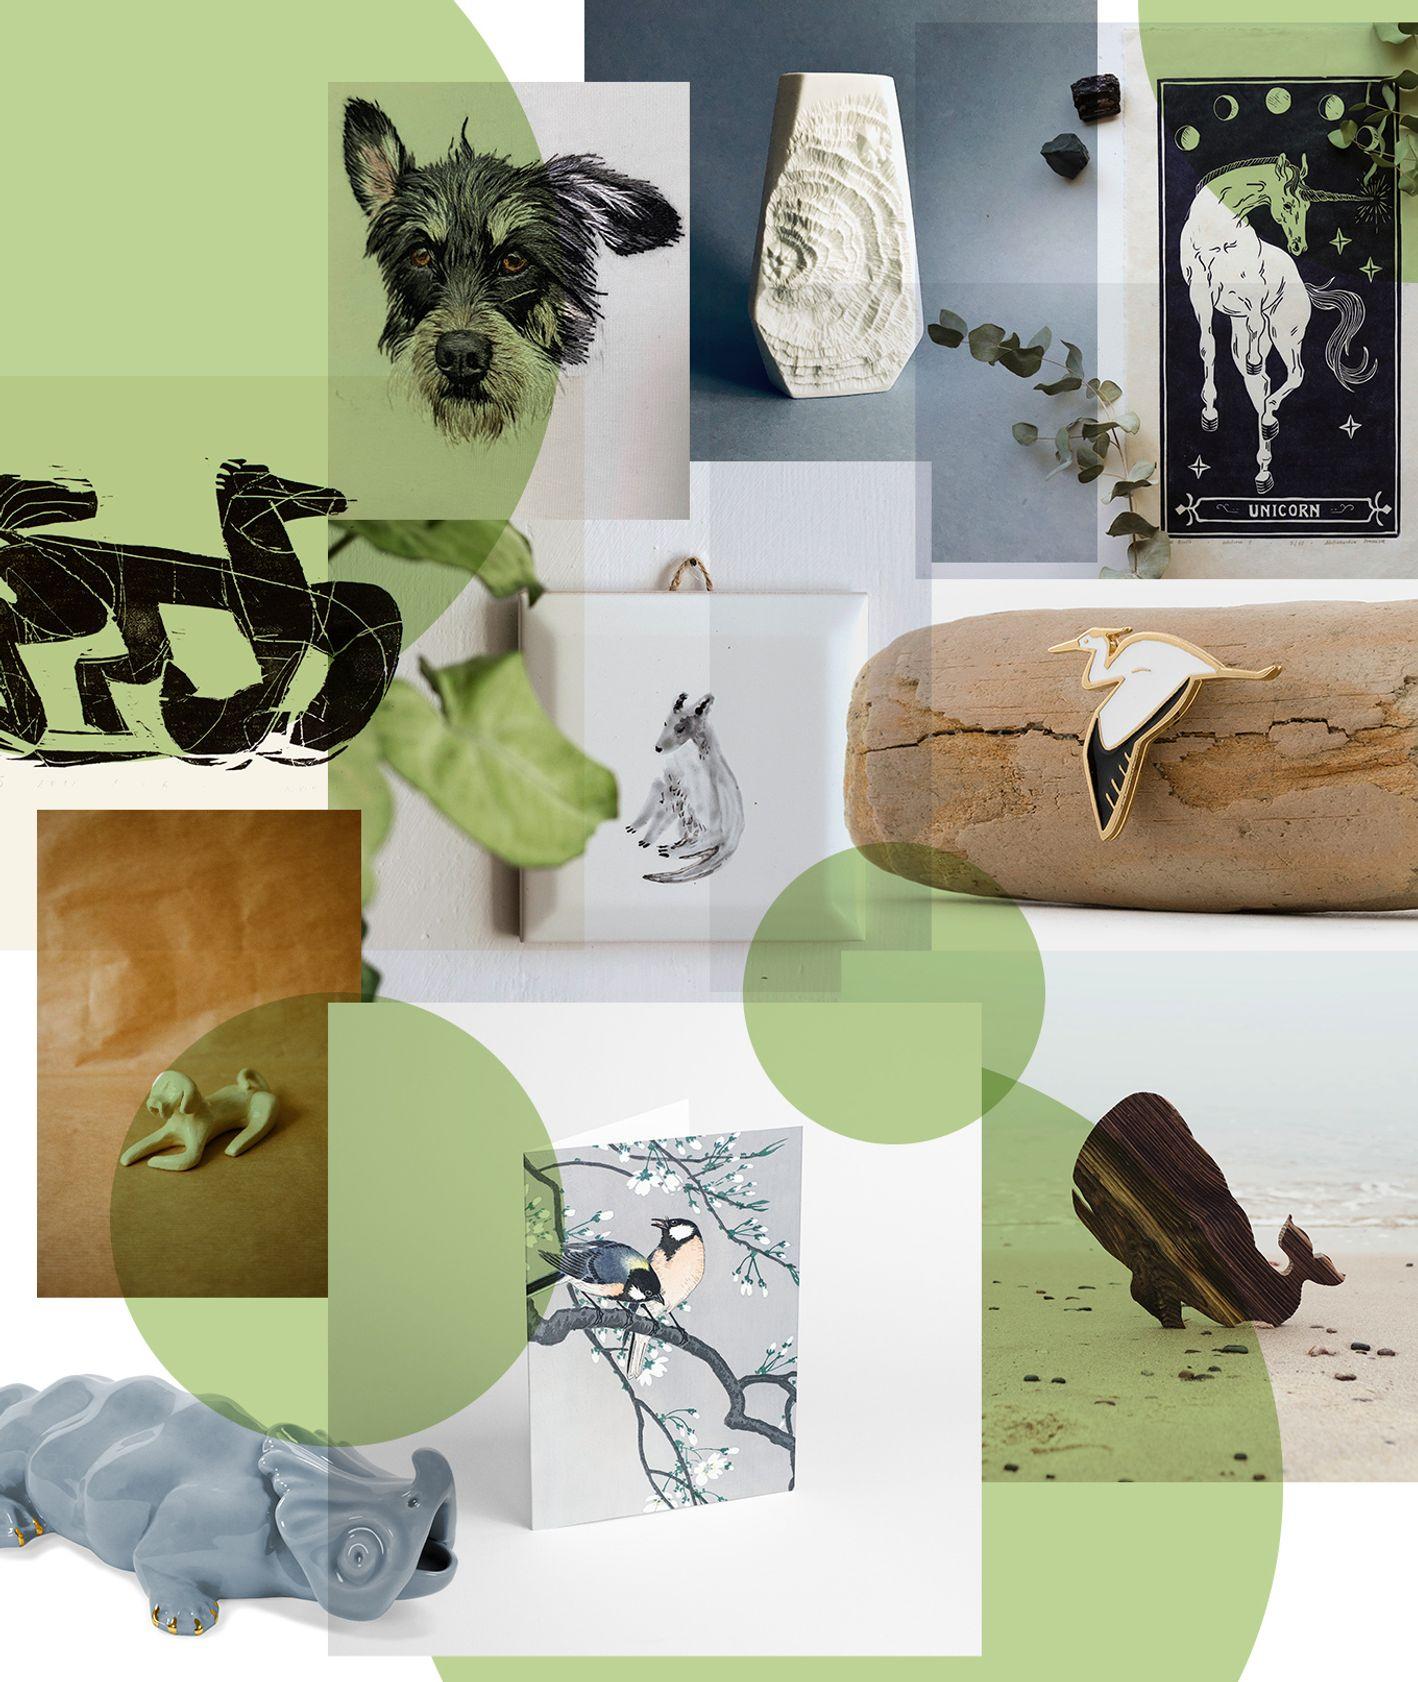 Prezenty z motywami zwierząt – grafiki, ceramika, wazony i koszulki z wizerunkami zwierząt